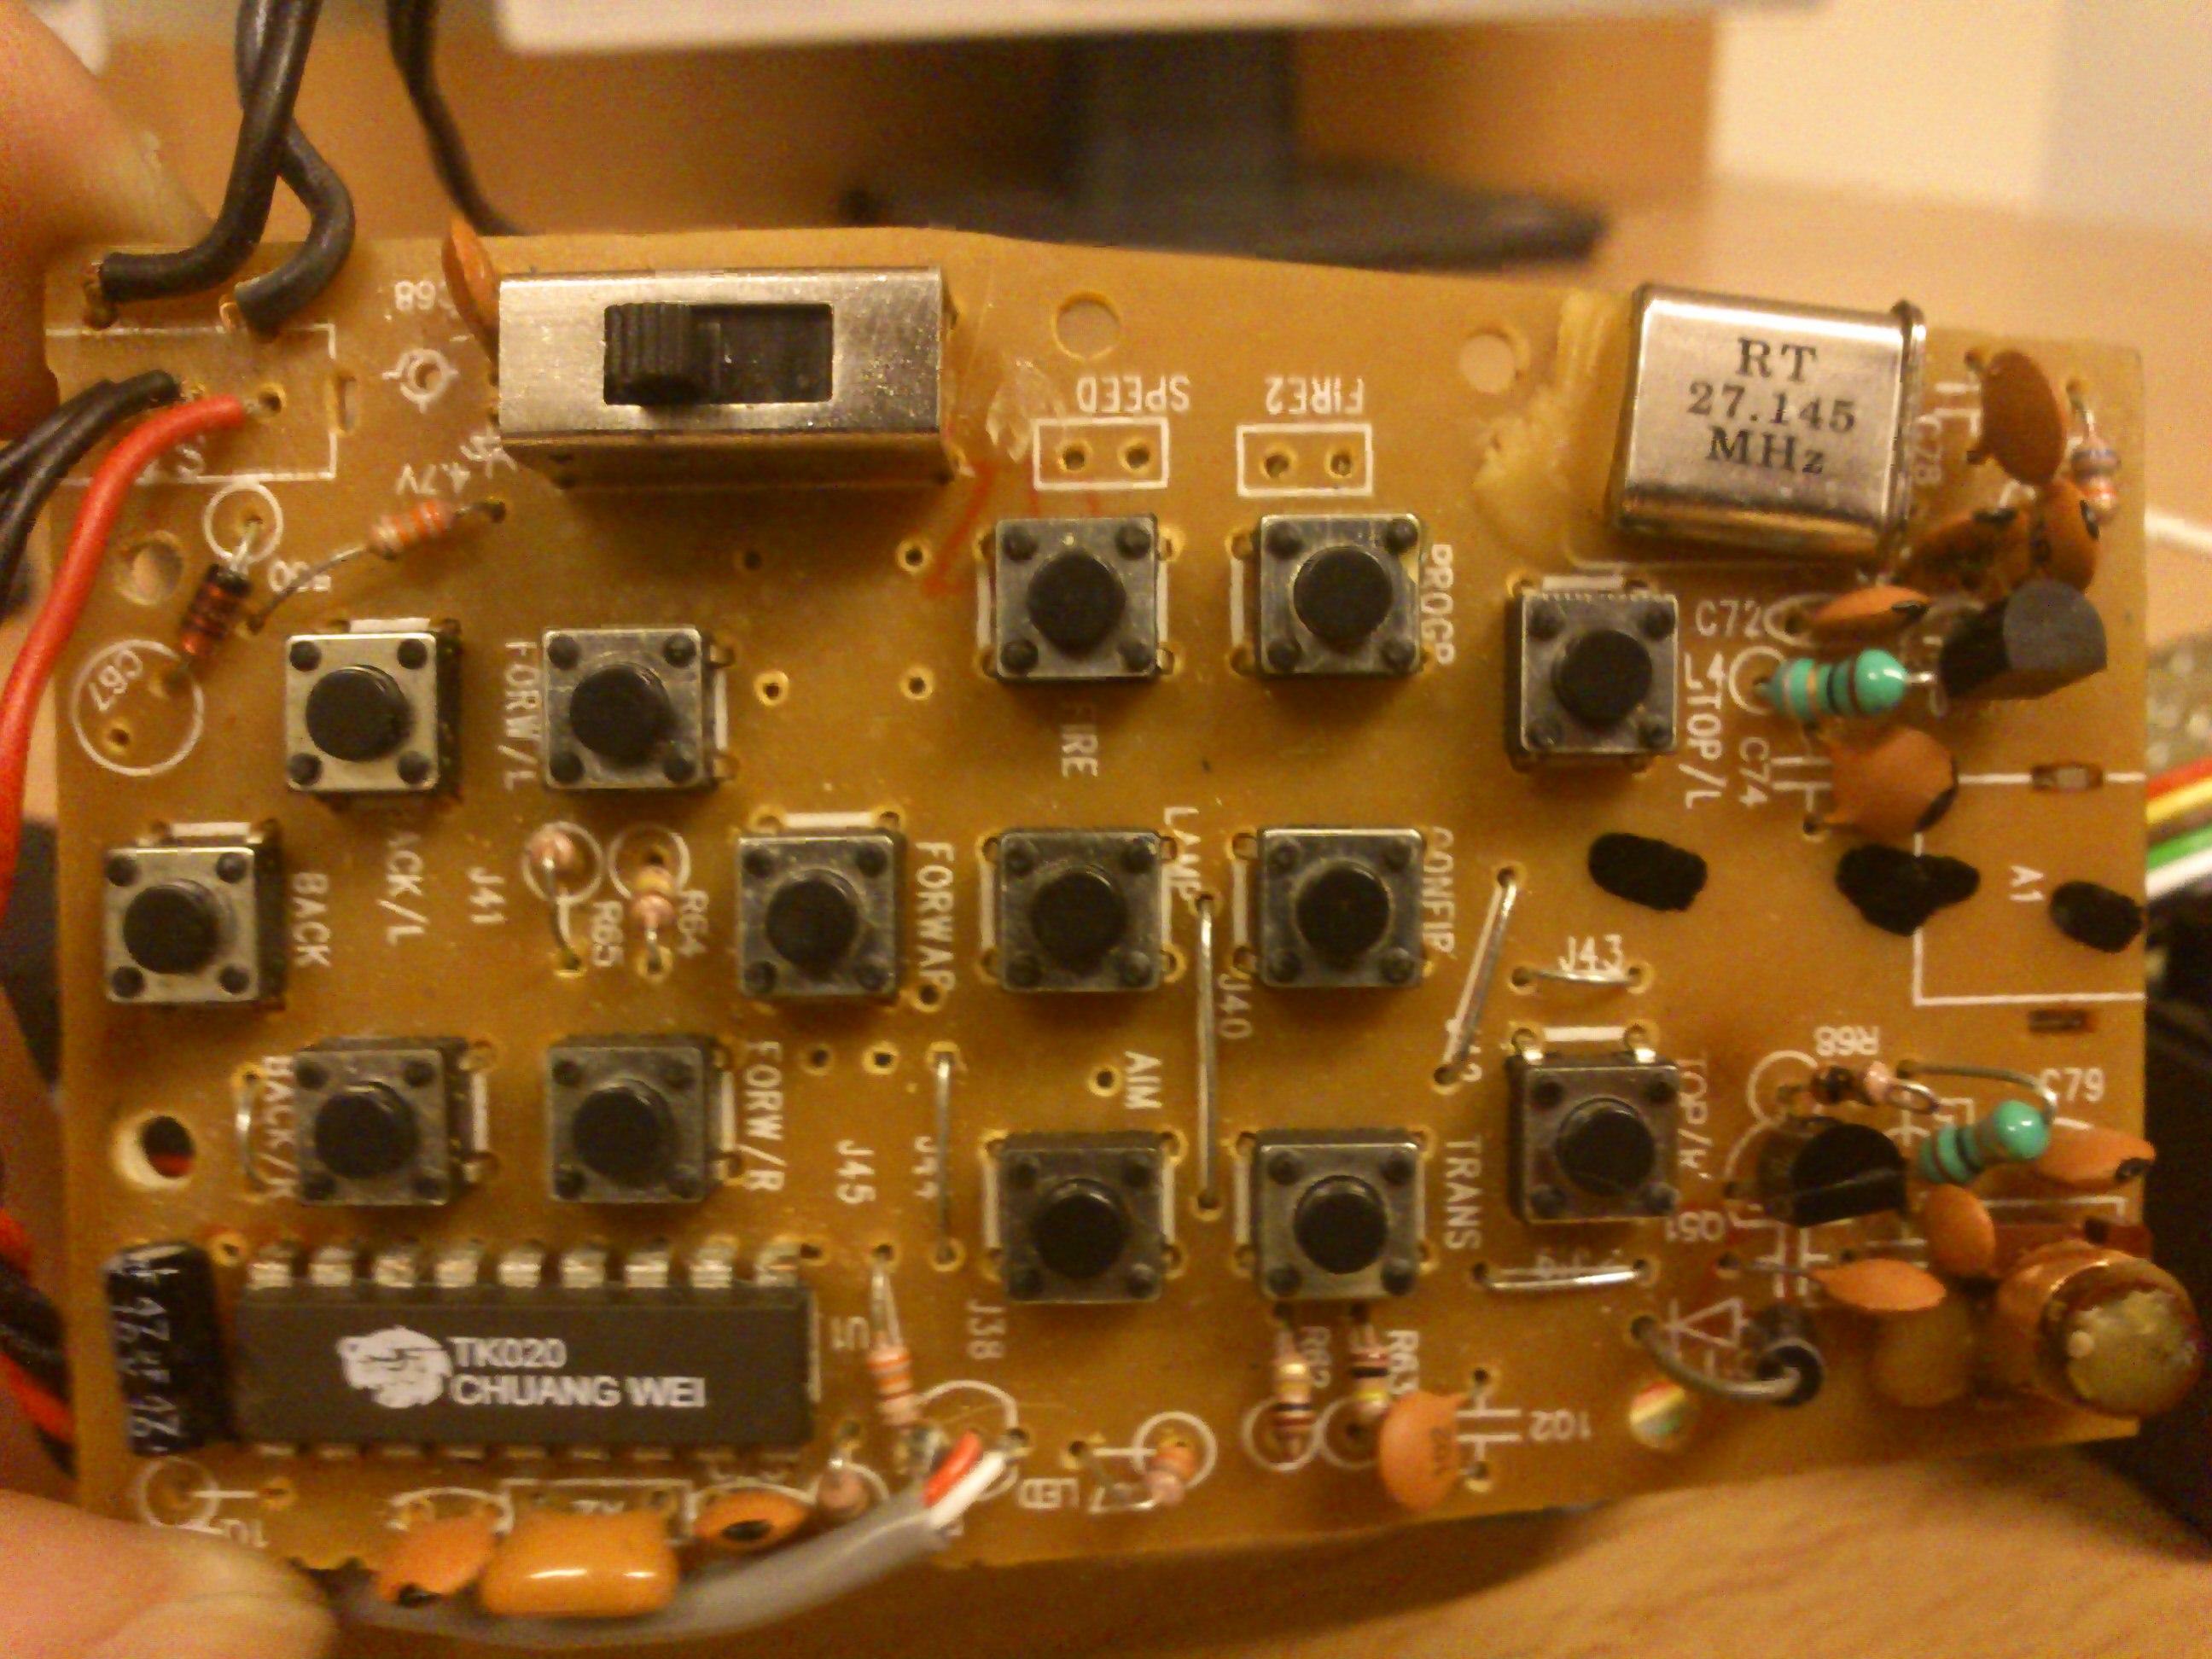 chi�ski mikroprocesor z oznaczeniem TK 020 aparatura RC, 27.145 MHz